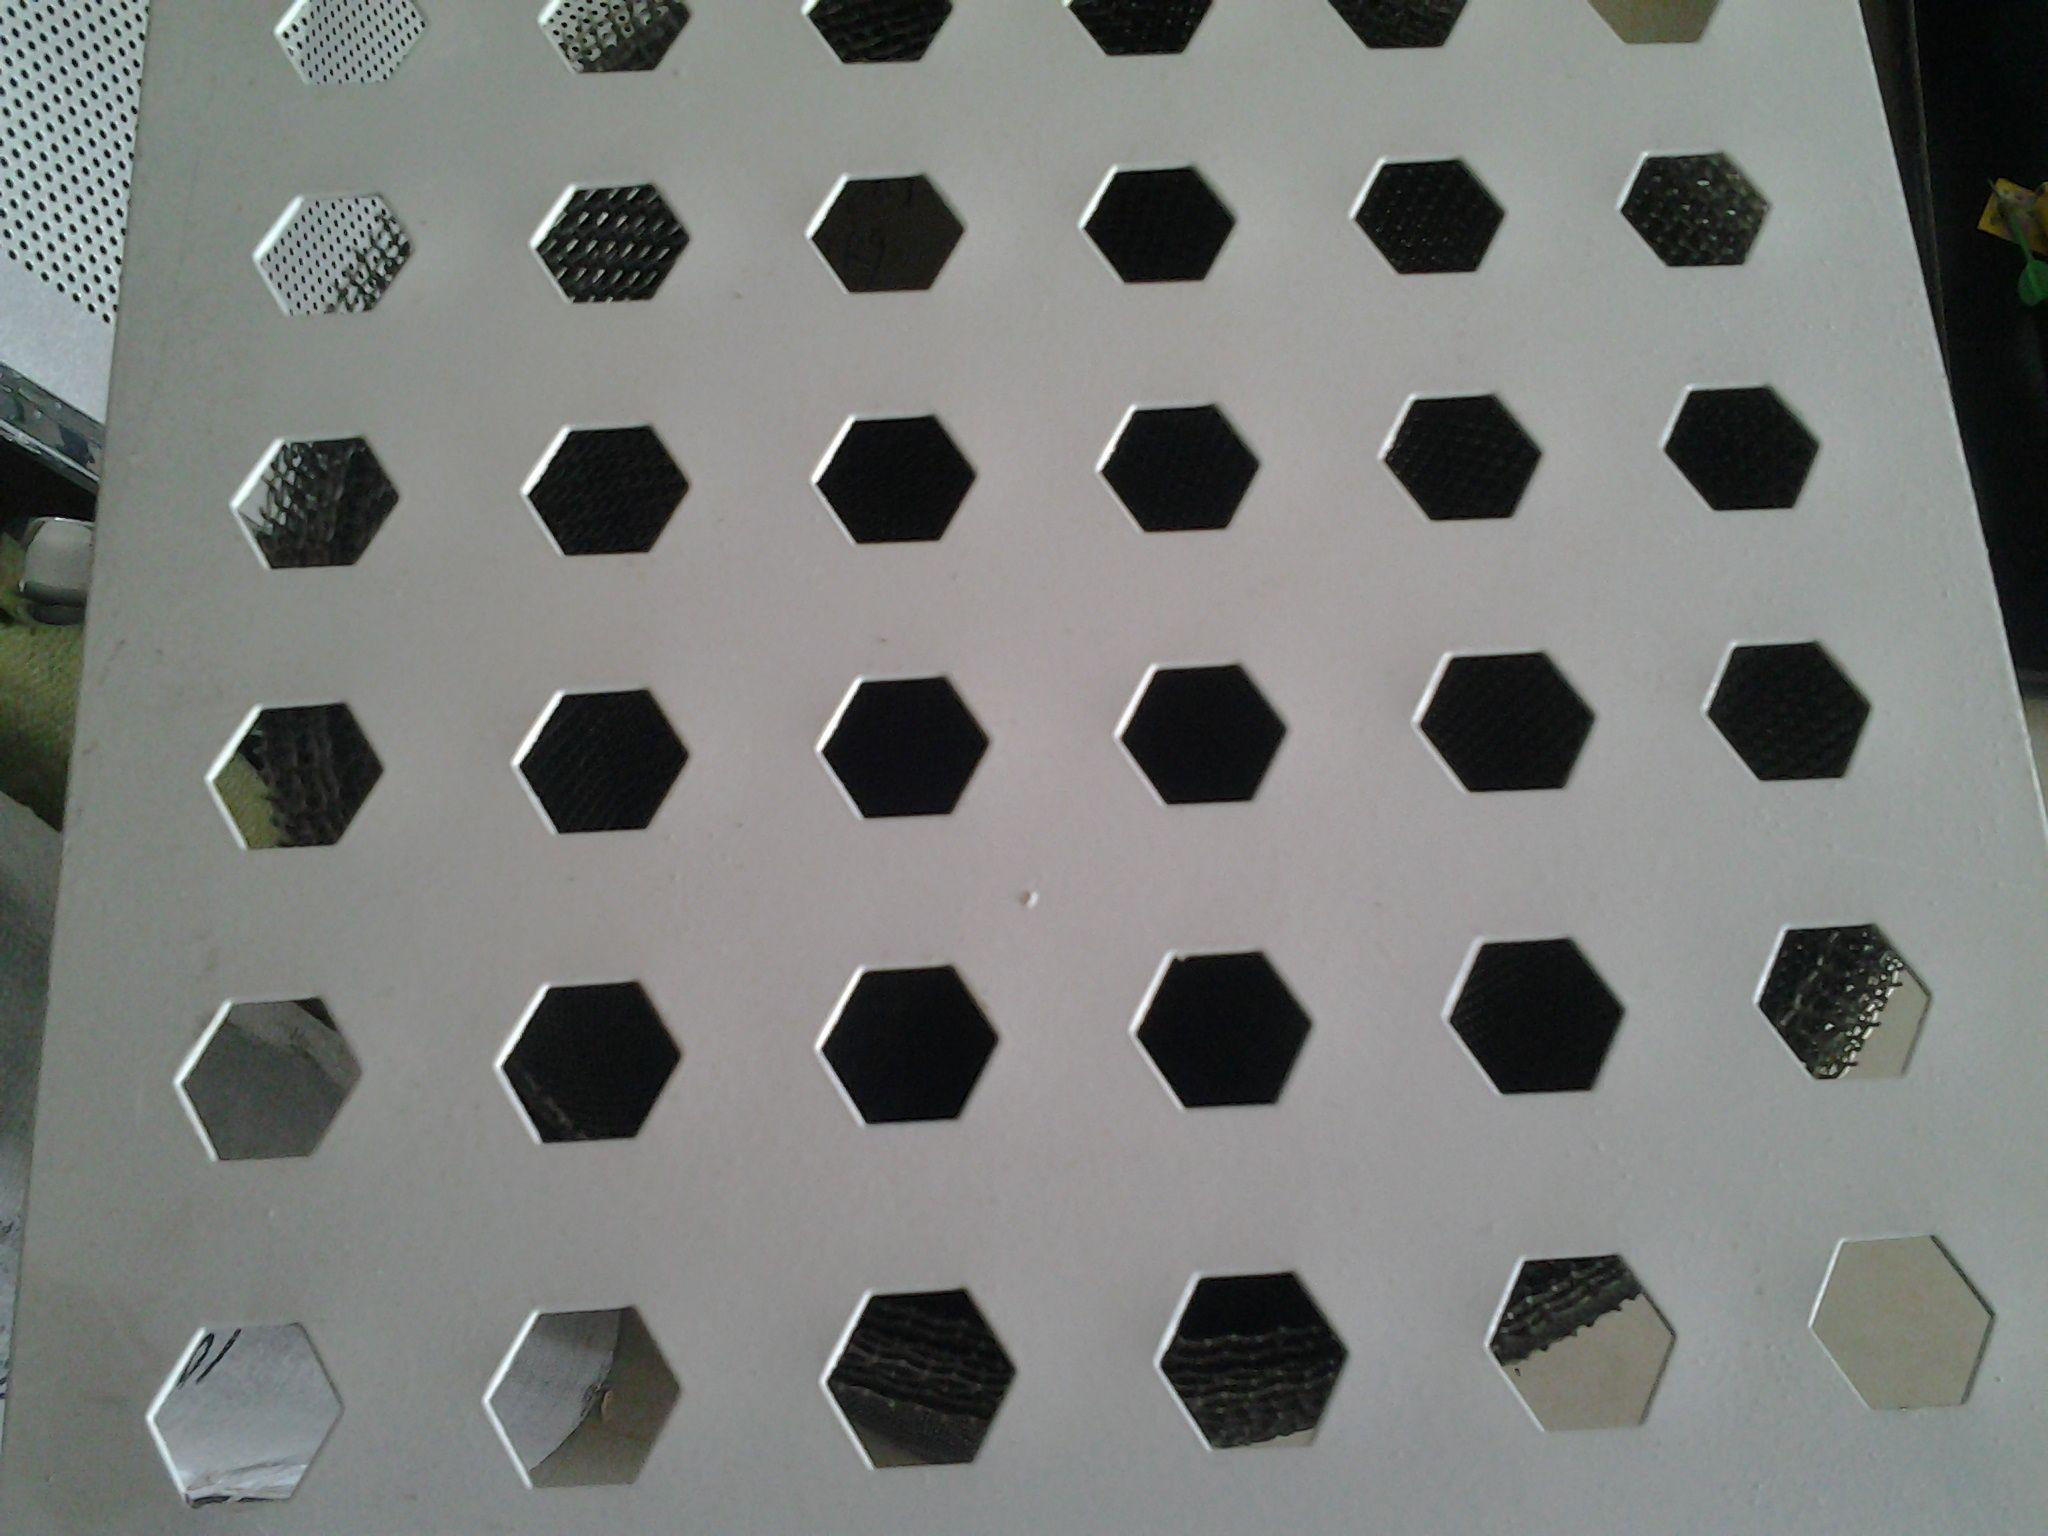 冲孔网为什么会对表面进行防腐处理